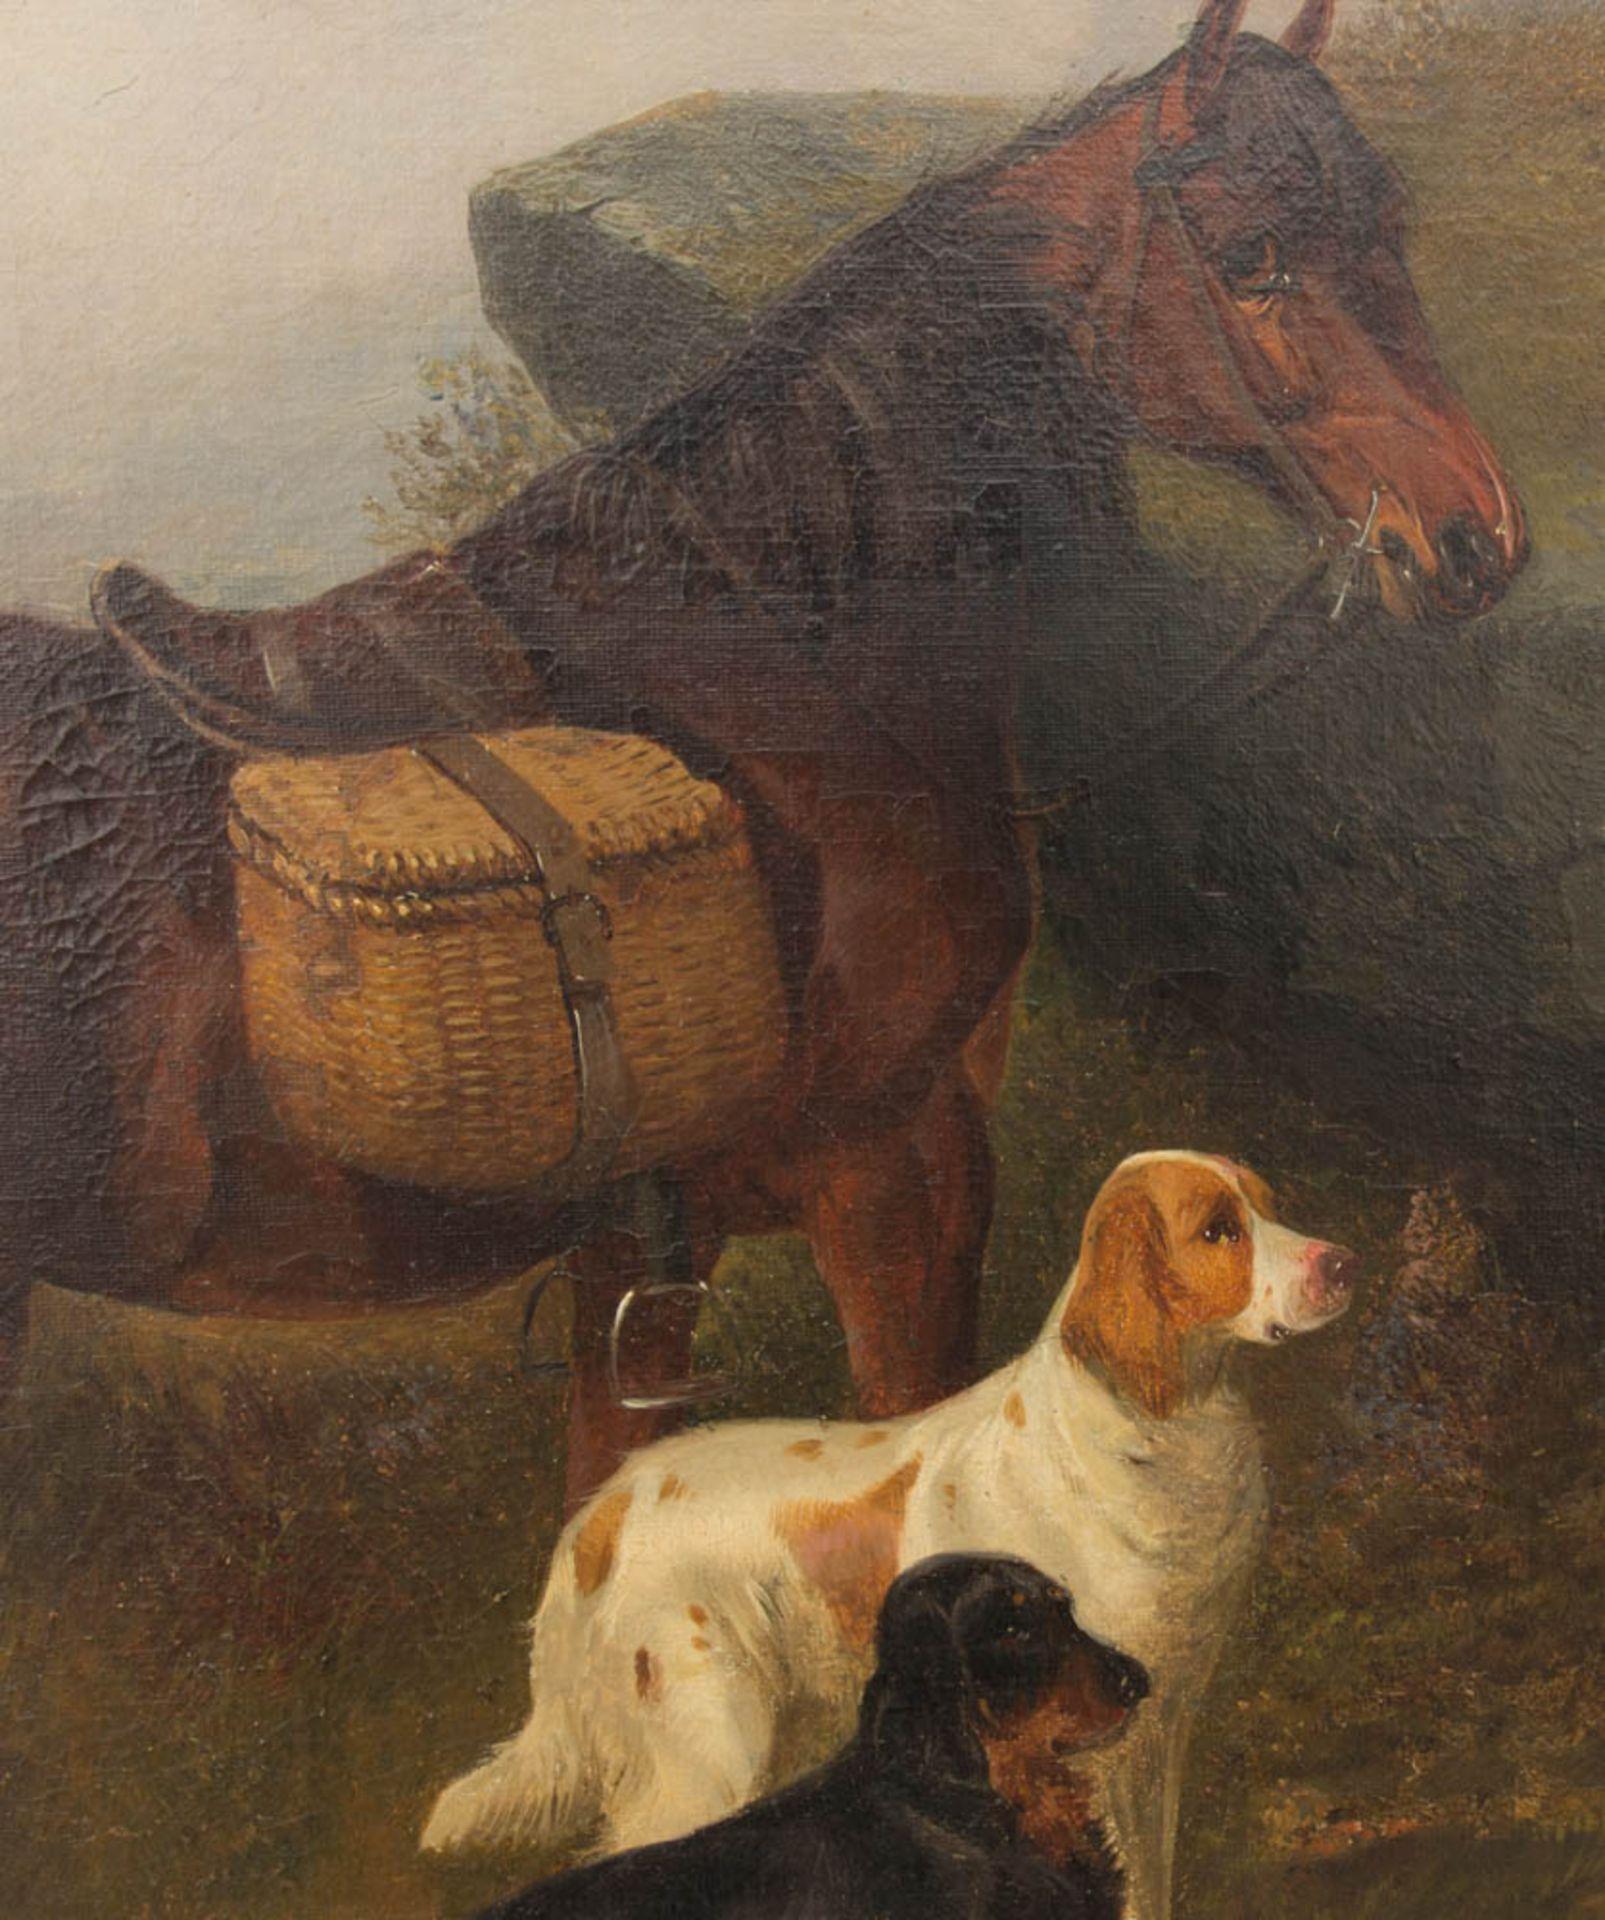 Colin Graeme, Hunde und Pferd in schottischer Landschaft, Öl auf Leinwand, 19. Jh.Unt - Bild 2 aus 5